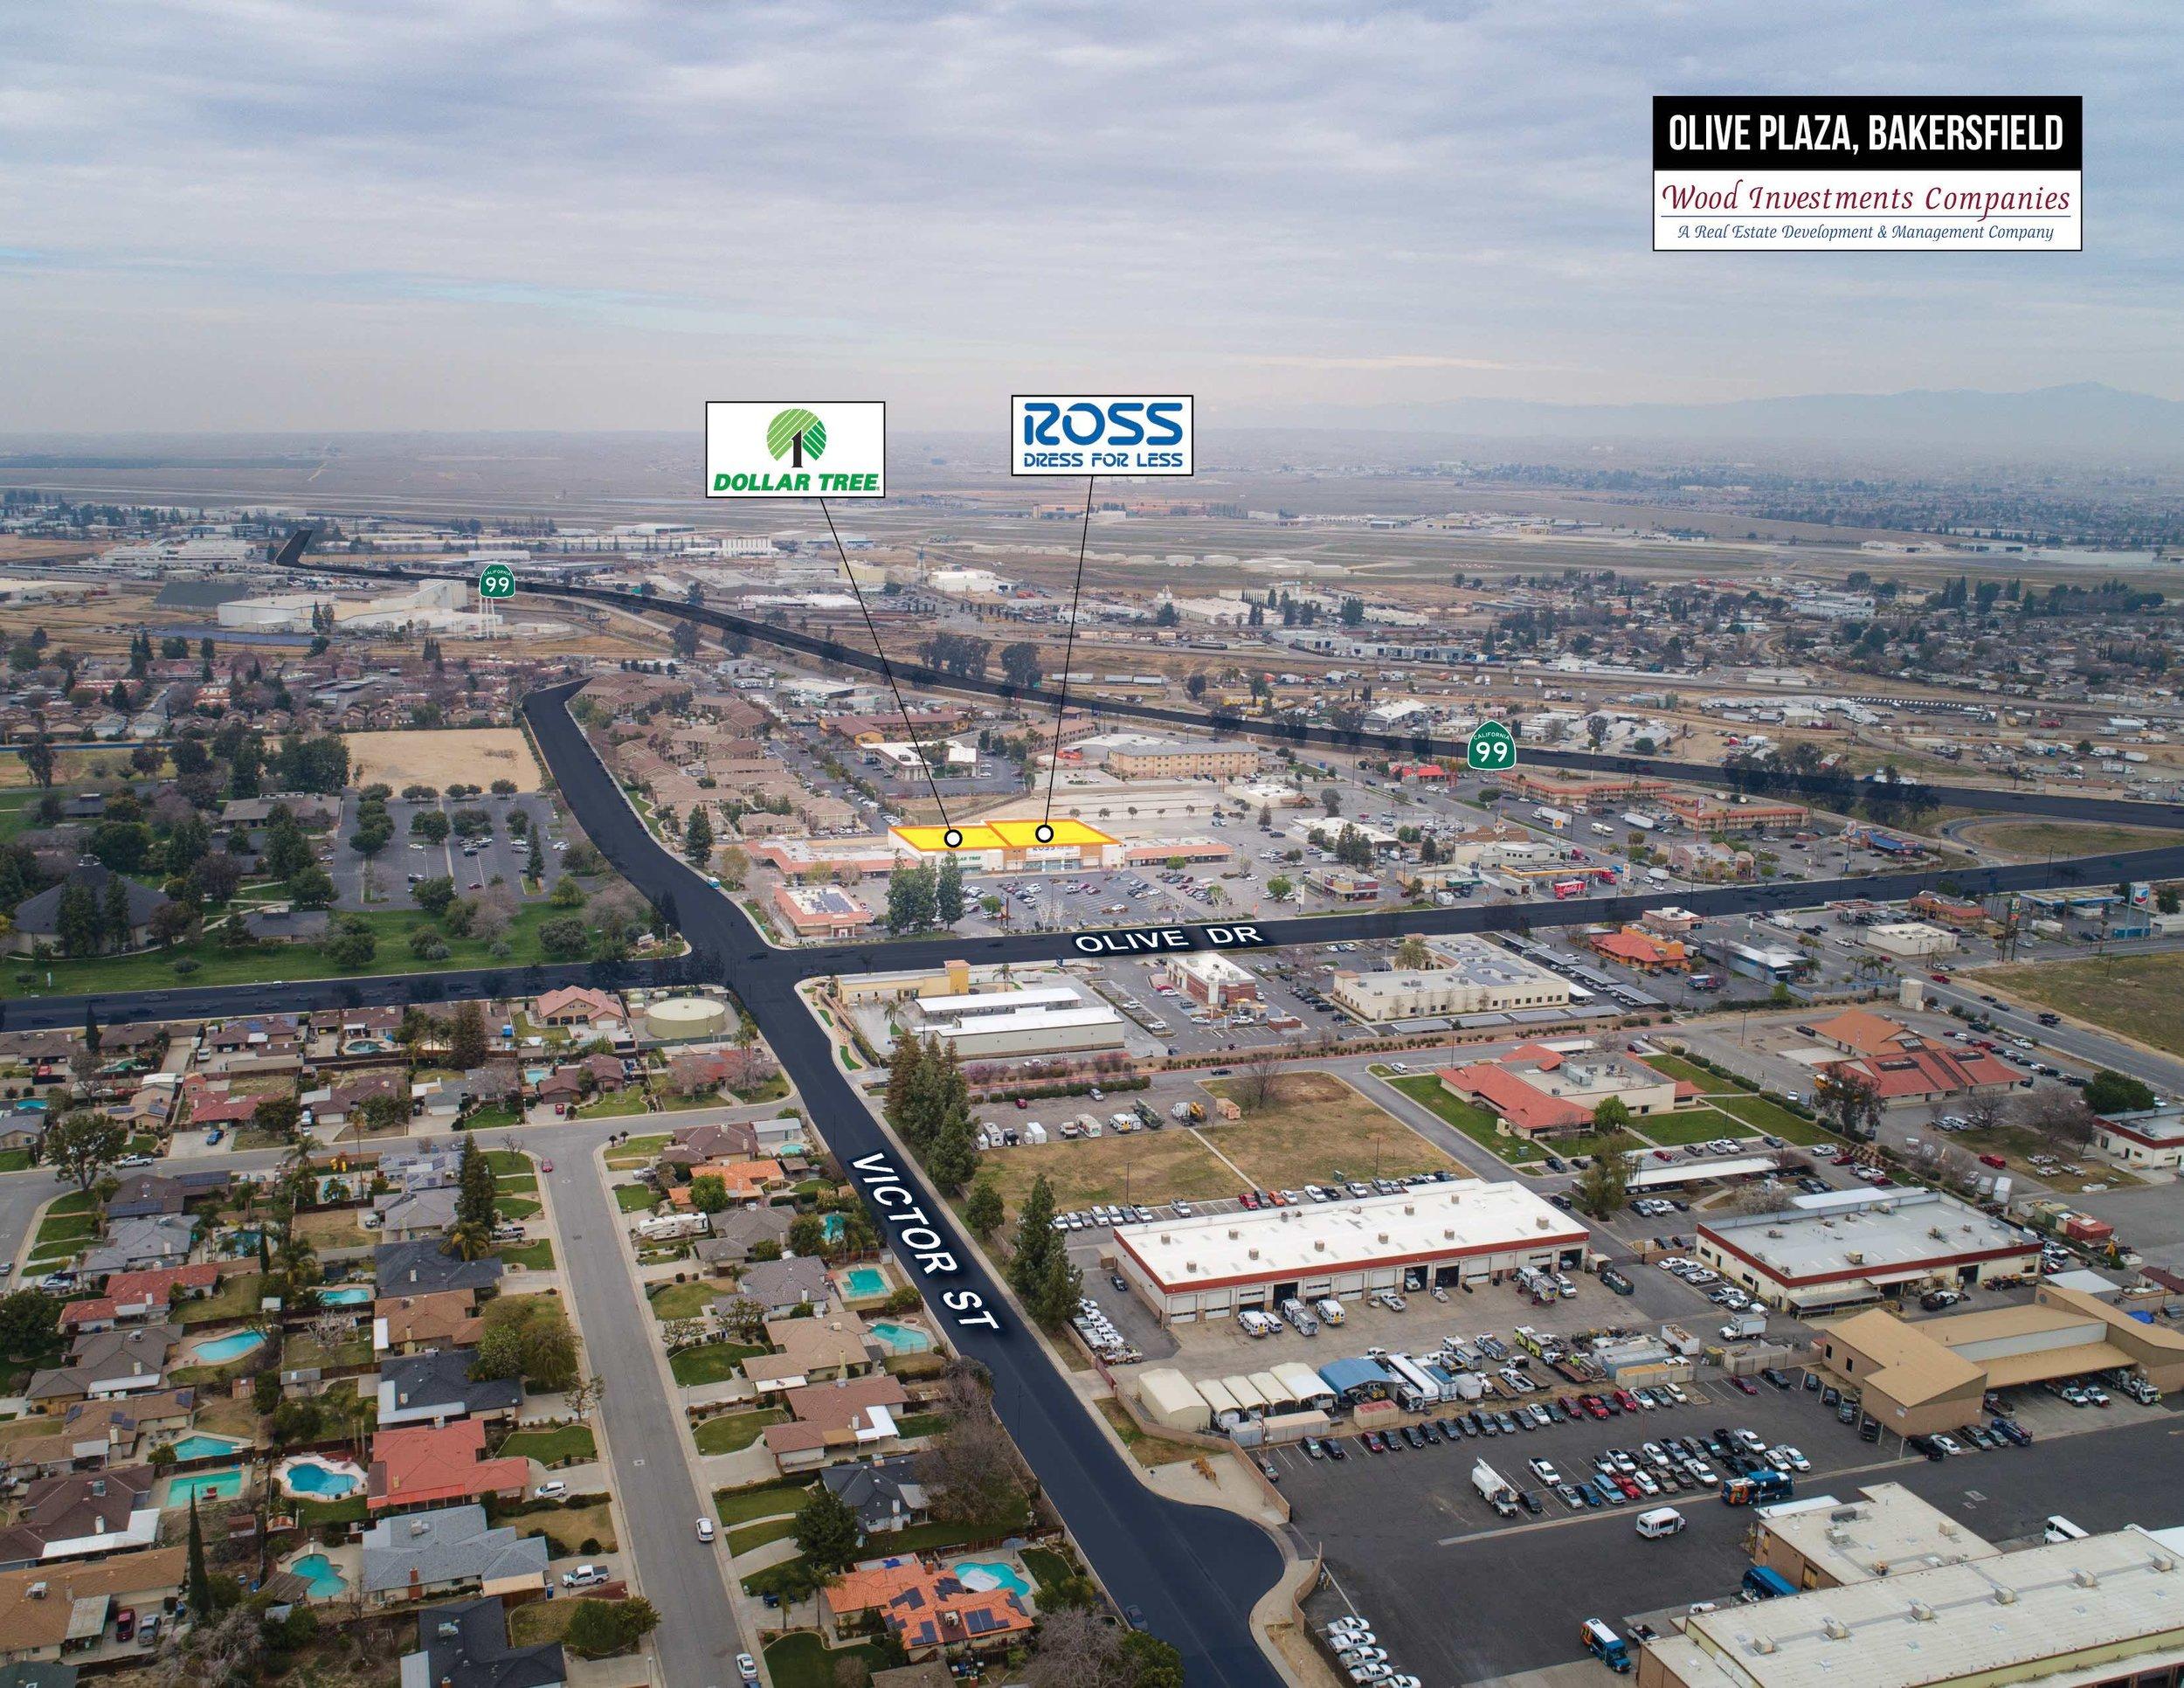 Bakersfield_Drone_Aerial_v2.jpg